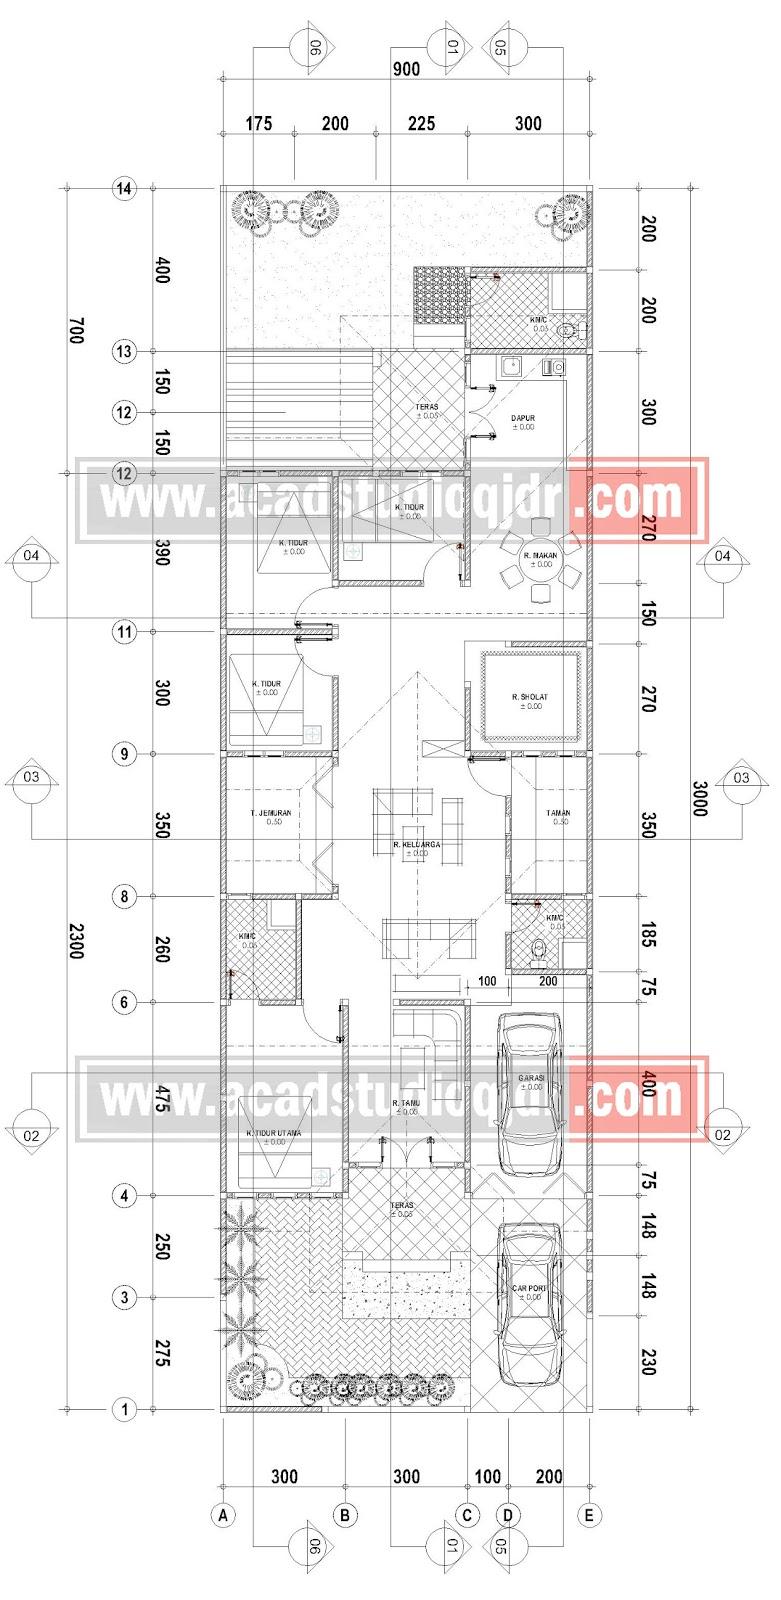 Desain Rumah Memanjang Milik Bpk Wendi Siswanto  Jasa